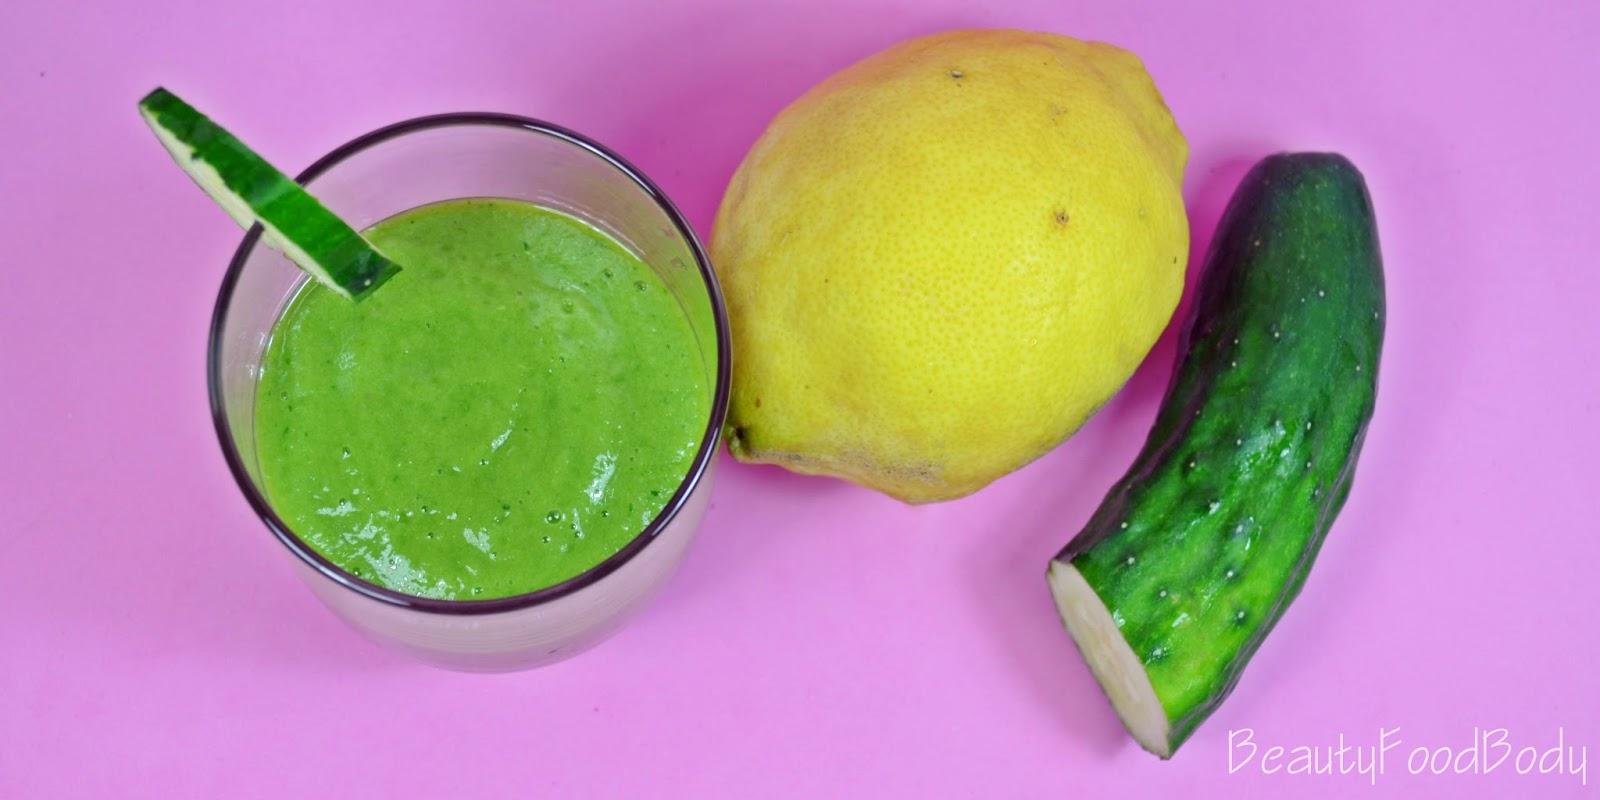 beautyfoodbody smoothie verde pepino detox dieta